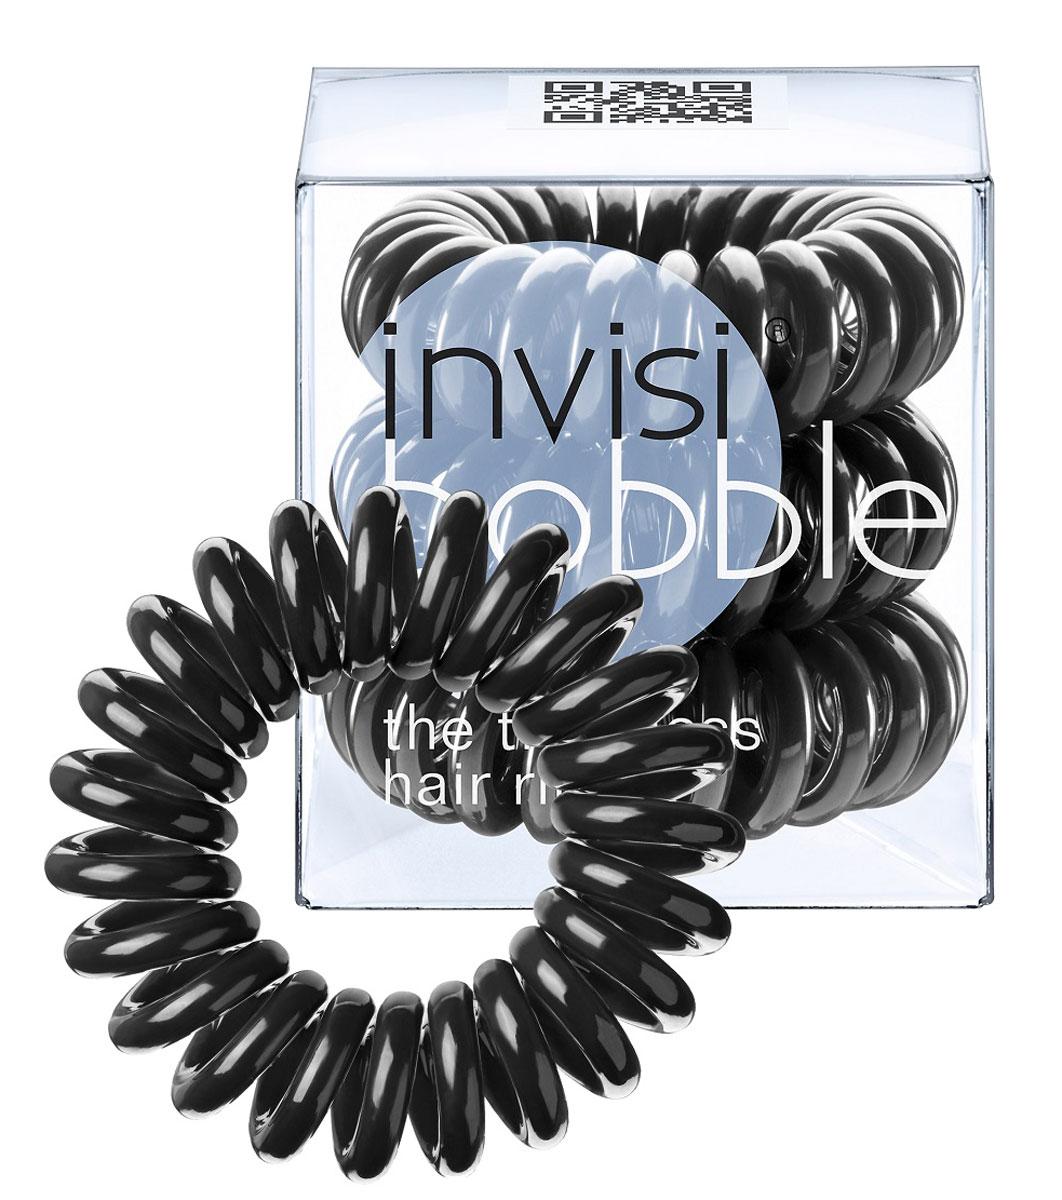 Invisibobble Резинка-браслет для волос True Black, 3 шт3001Столь необычная форма браслетов-резинок Invisibobble дает множество преимуществ. Резинка не оставляет заломов на волосах. При длительном ношении, например целый день, снимая резинку вы не почувствуете усталость волос. Оригинально смотрится на волосах. Отлично сохраняет свою форму и надежно фиксирует прическу. Не мокнет. Не травмируют волосы, в отличии от обычных резинок, нет трения, зажимов отдельных волосков или прядей. Подходят как для любого типа волос, так и не имеют ограничений по возрасту. Вам понравятся яркие цвета, а так же их можно использовать как стильные браслеты. Товар сертифицирован.